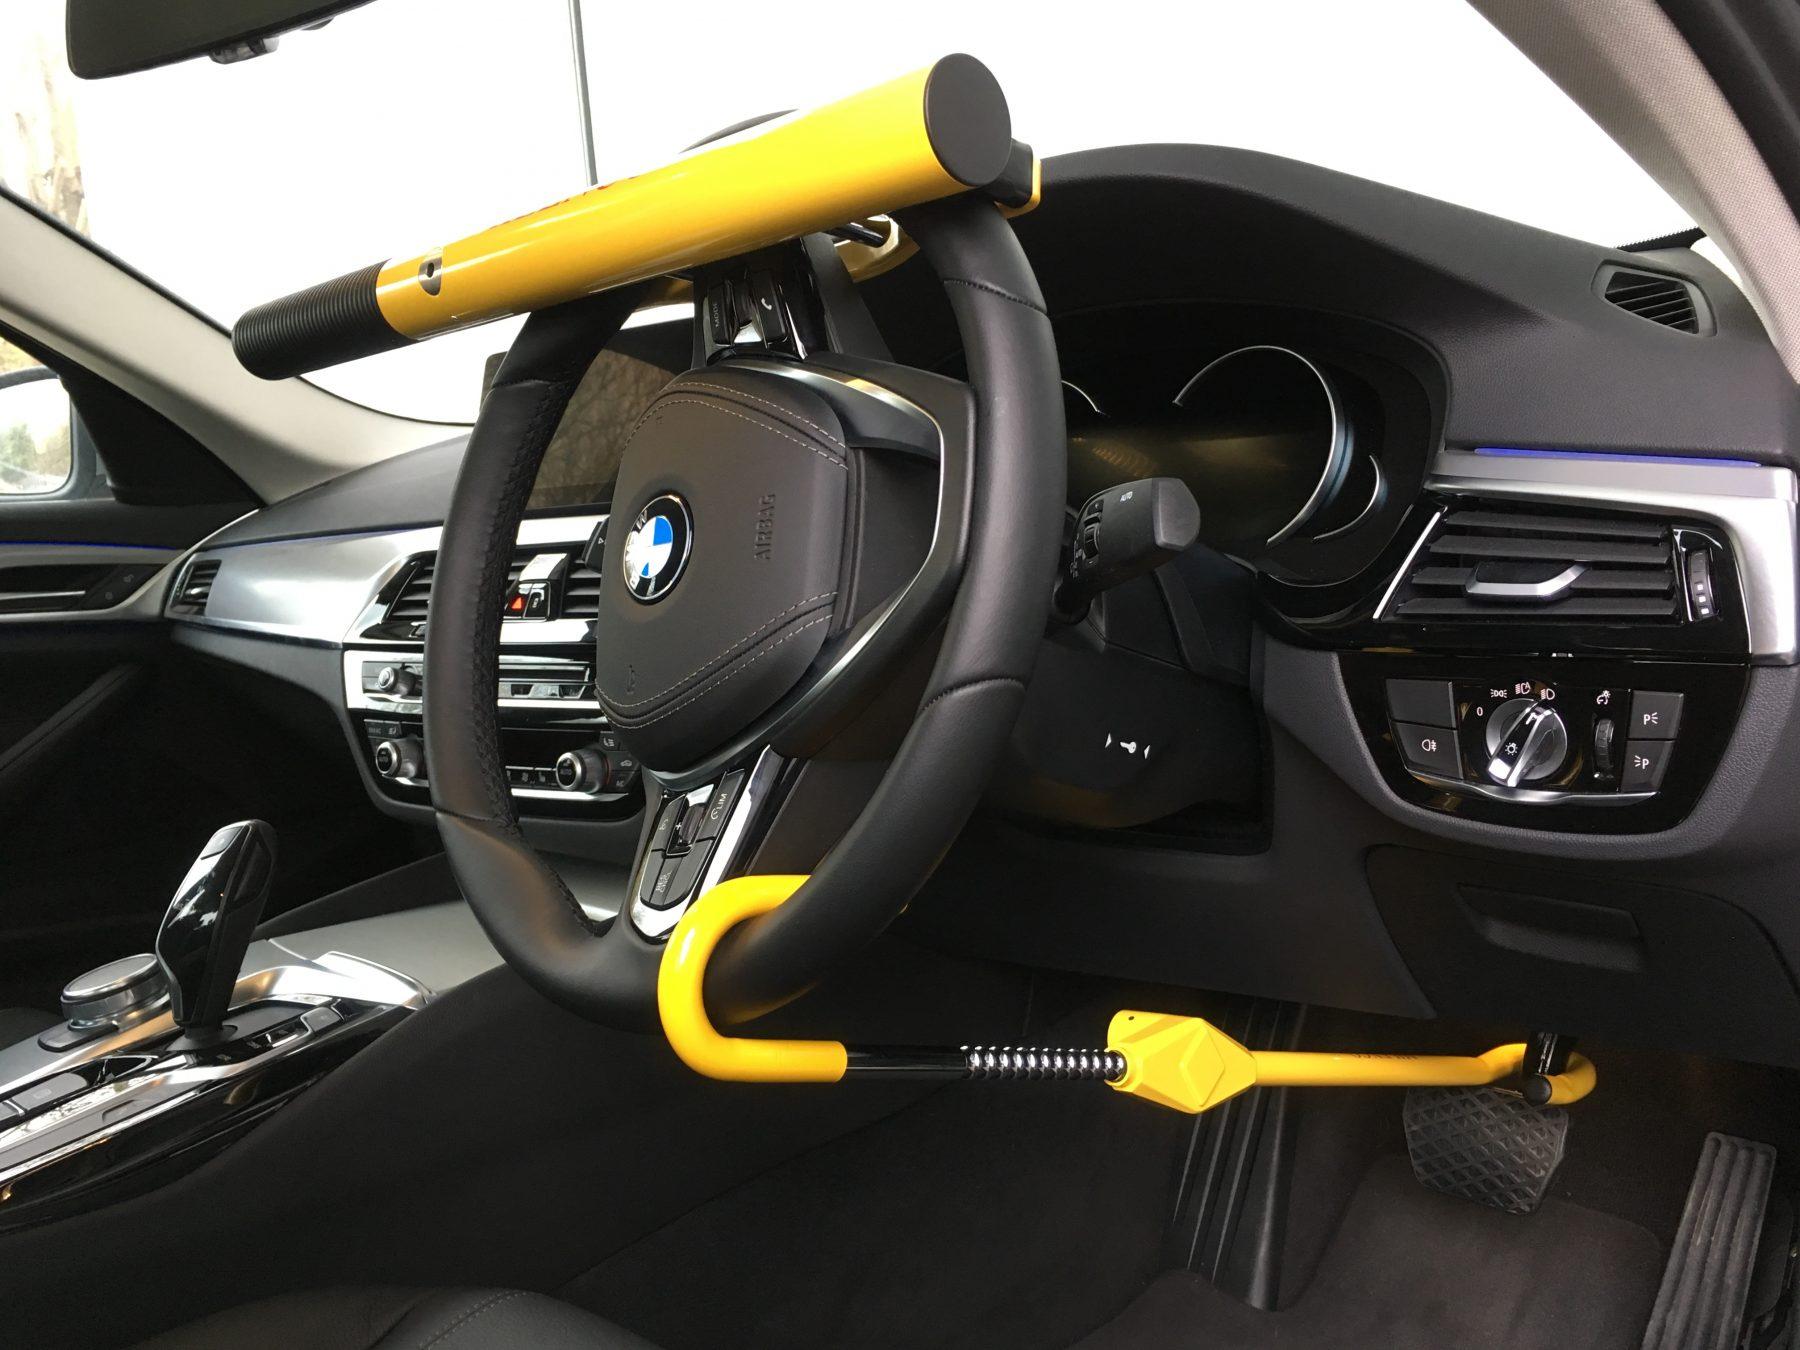 How To Unlock Steering Wheel >> High Security Steering Wheel Lock - Milenco, Europe's ...